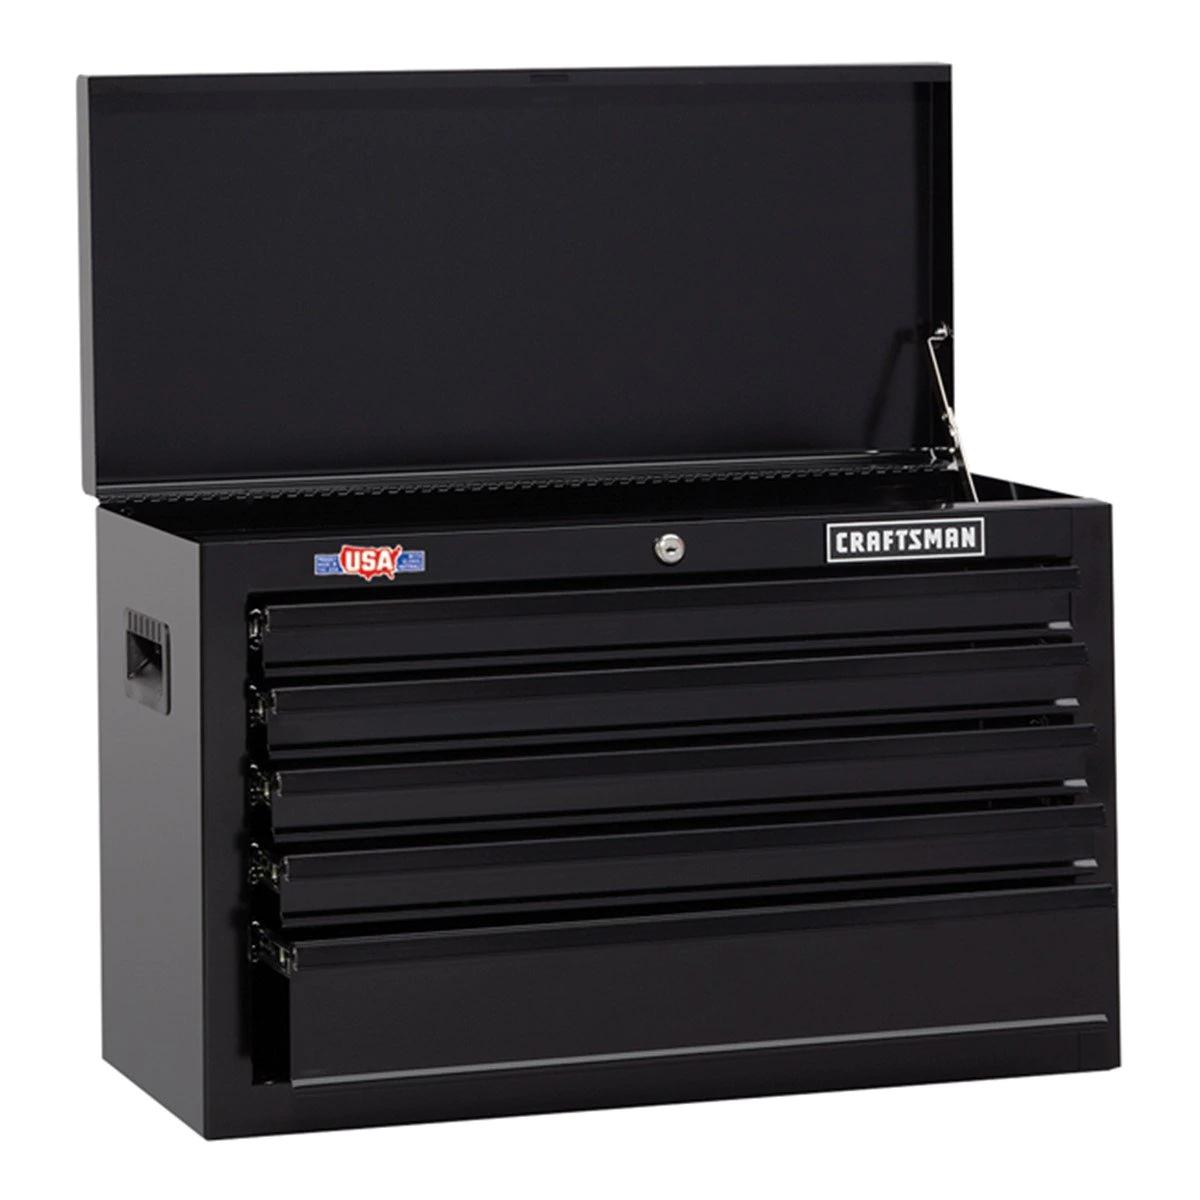 Sears: Caja de Herramientas Serie 1000, 5 Cajones color negro CRAFTSMAN